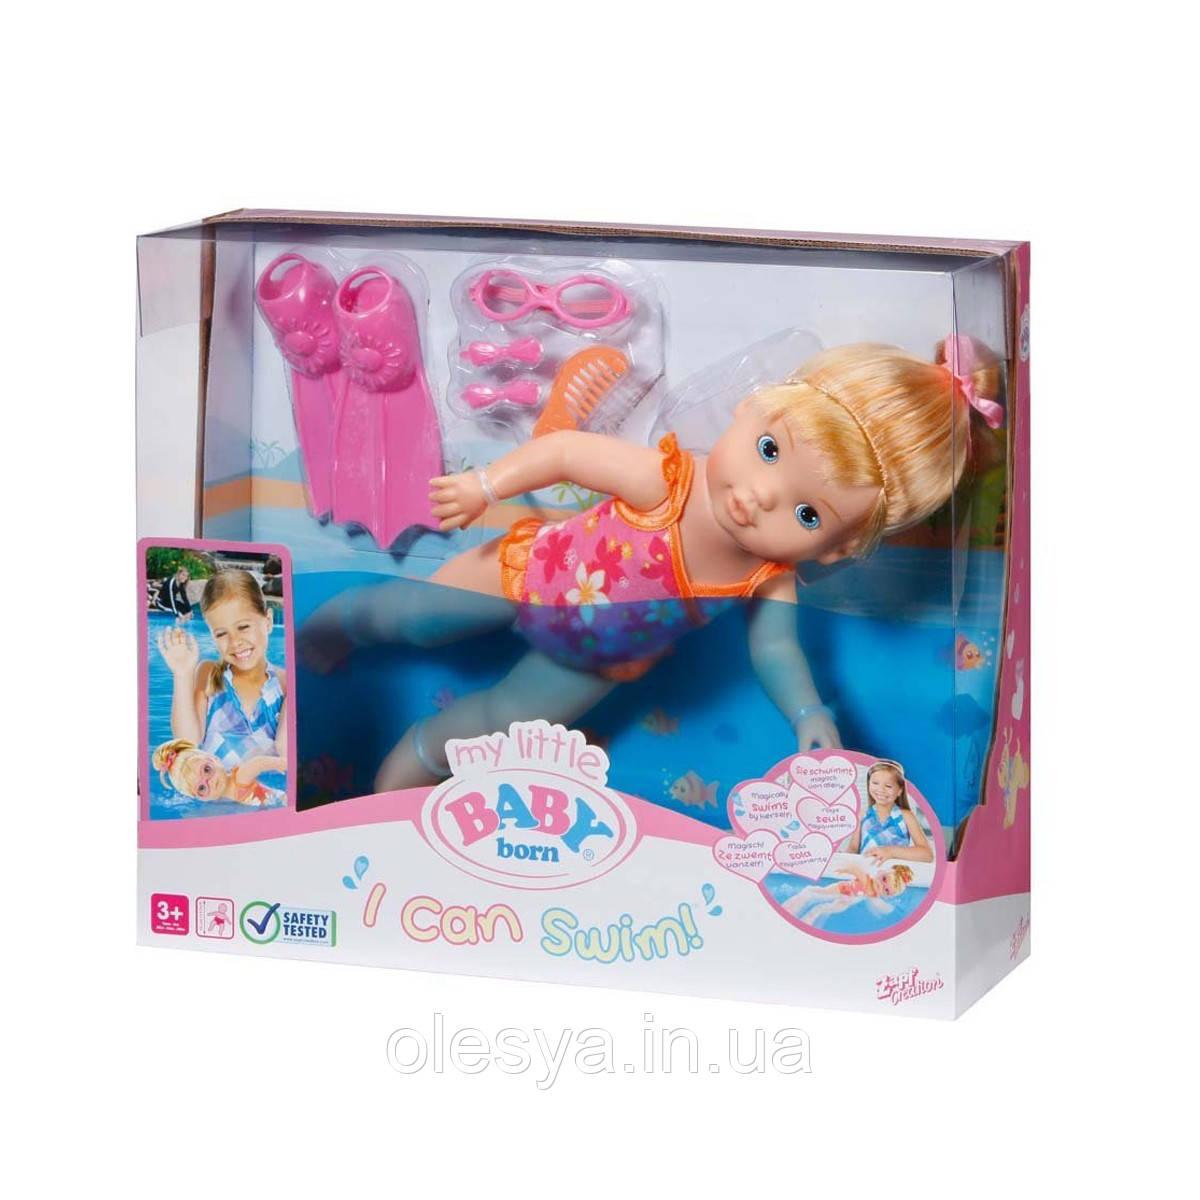 Интерактивная кукла MY LITTLE BABY BORN - УЧИМСЯ ПЛАВАТЬ- Лучший подарок для девочки